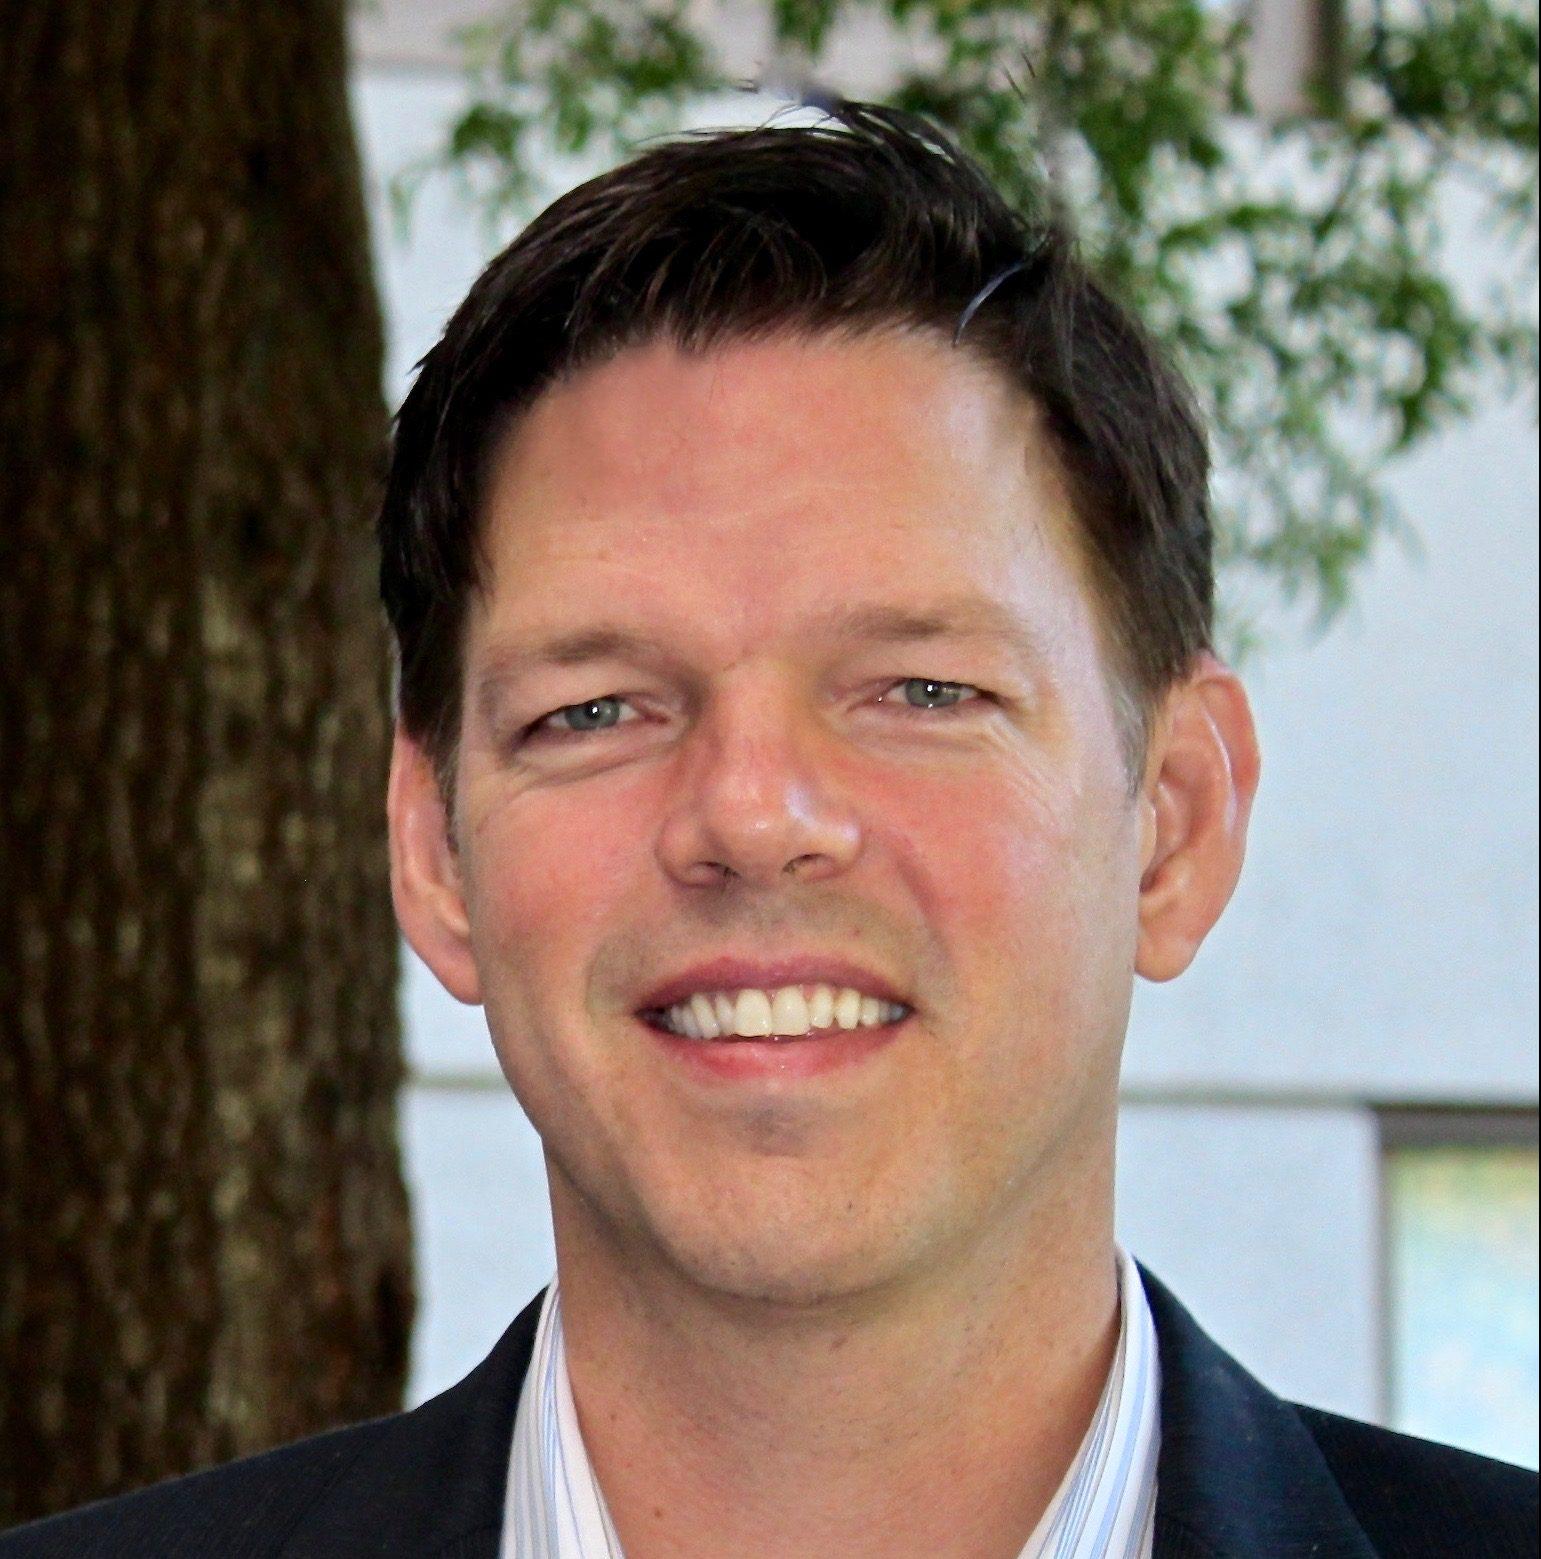 image001 8 e1590067186127 - Dr. Dan Vermeer